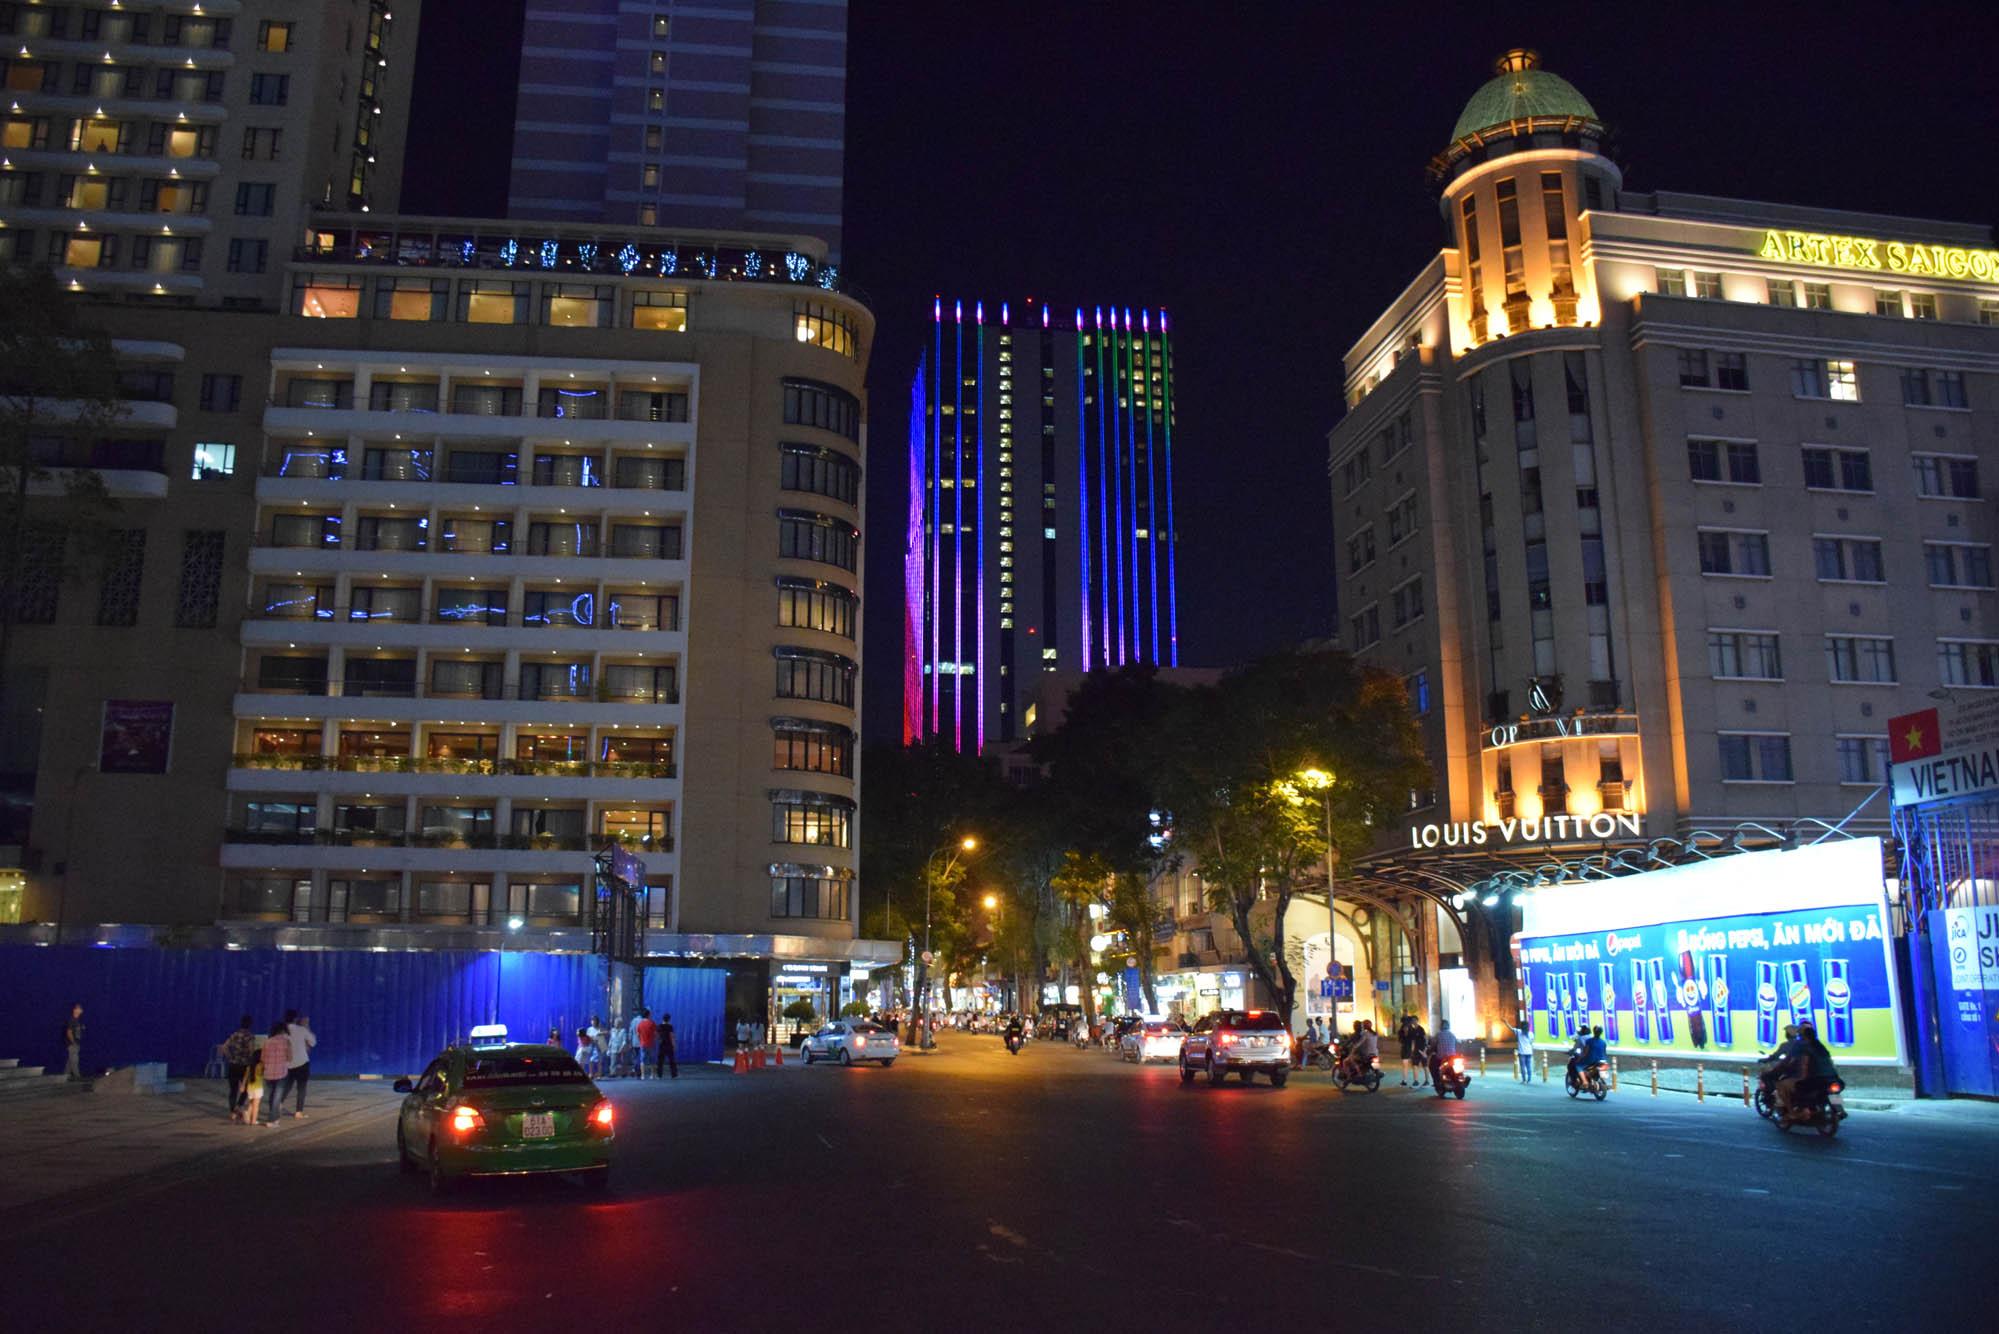 08-Saigon-Vietna_0162